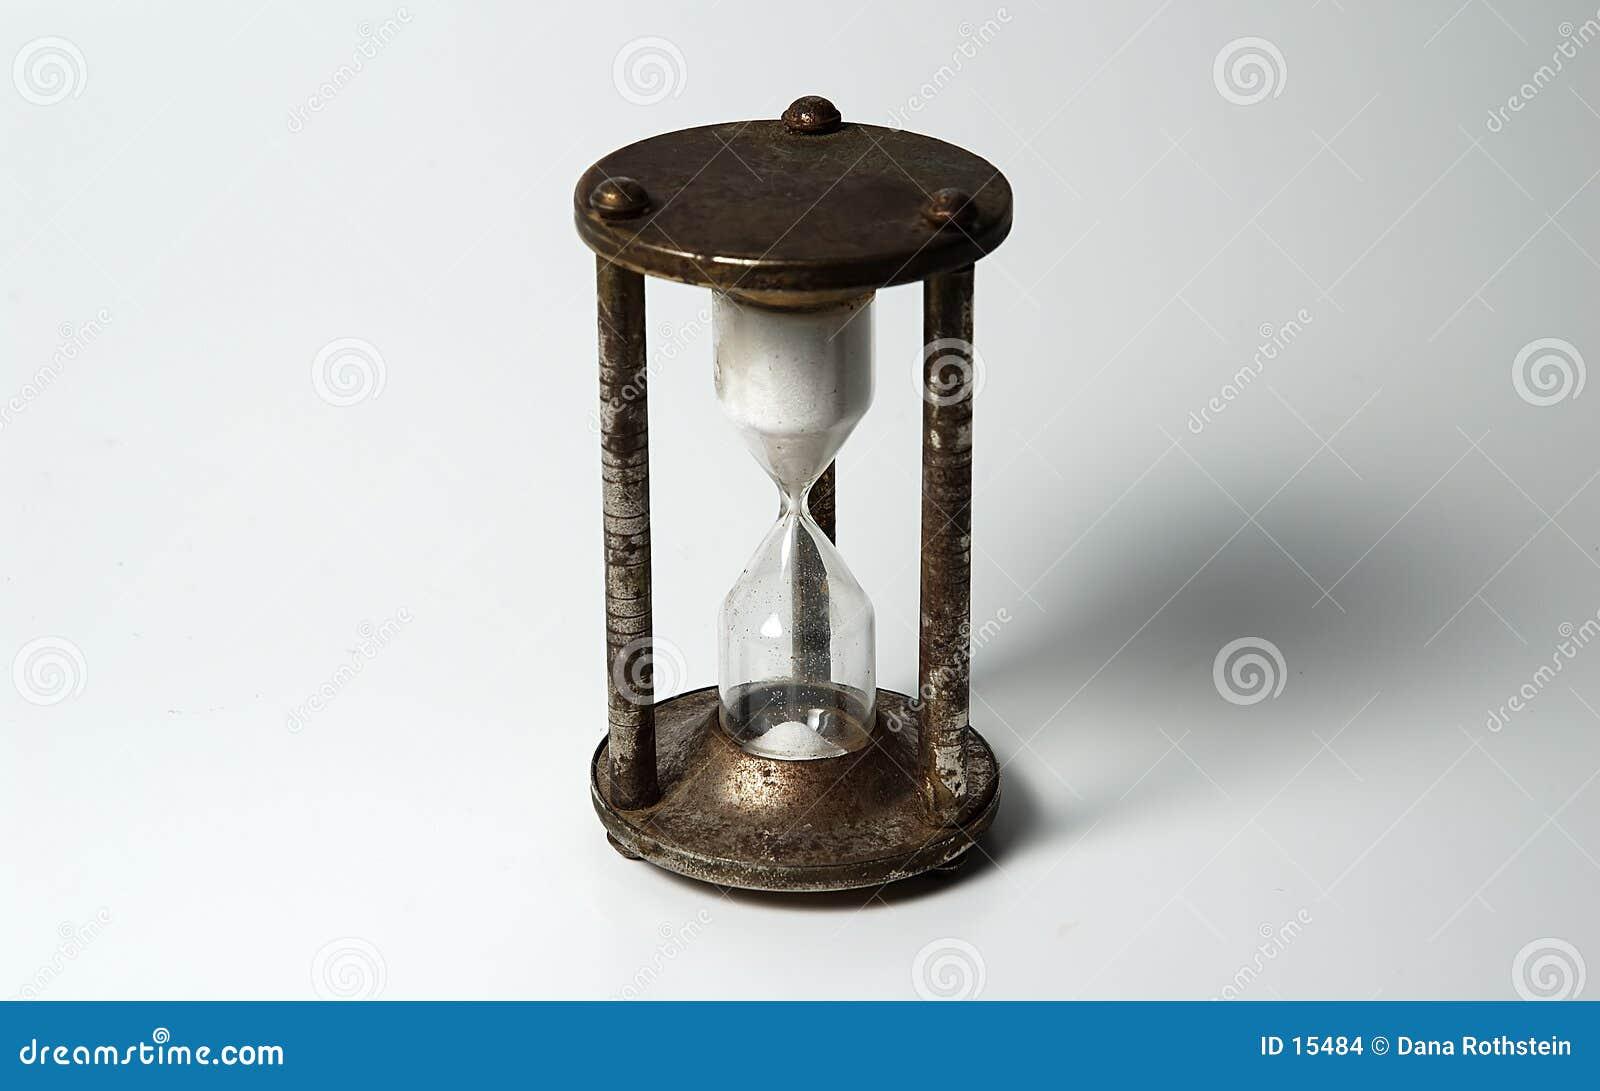 2 hourglass